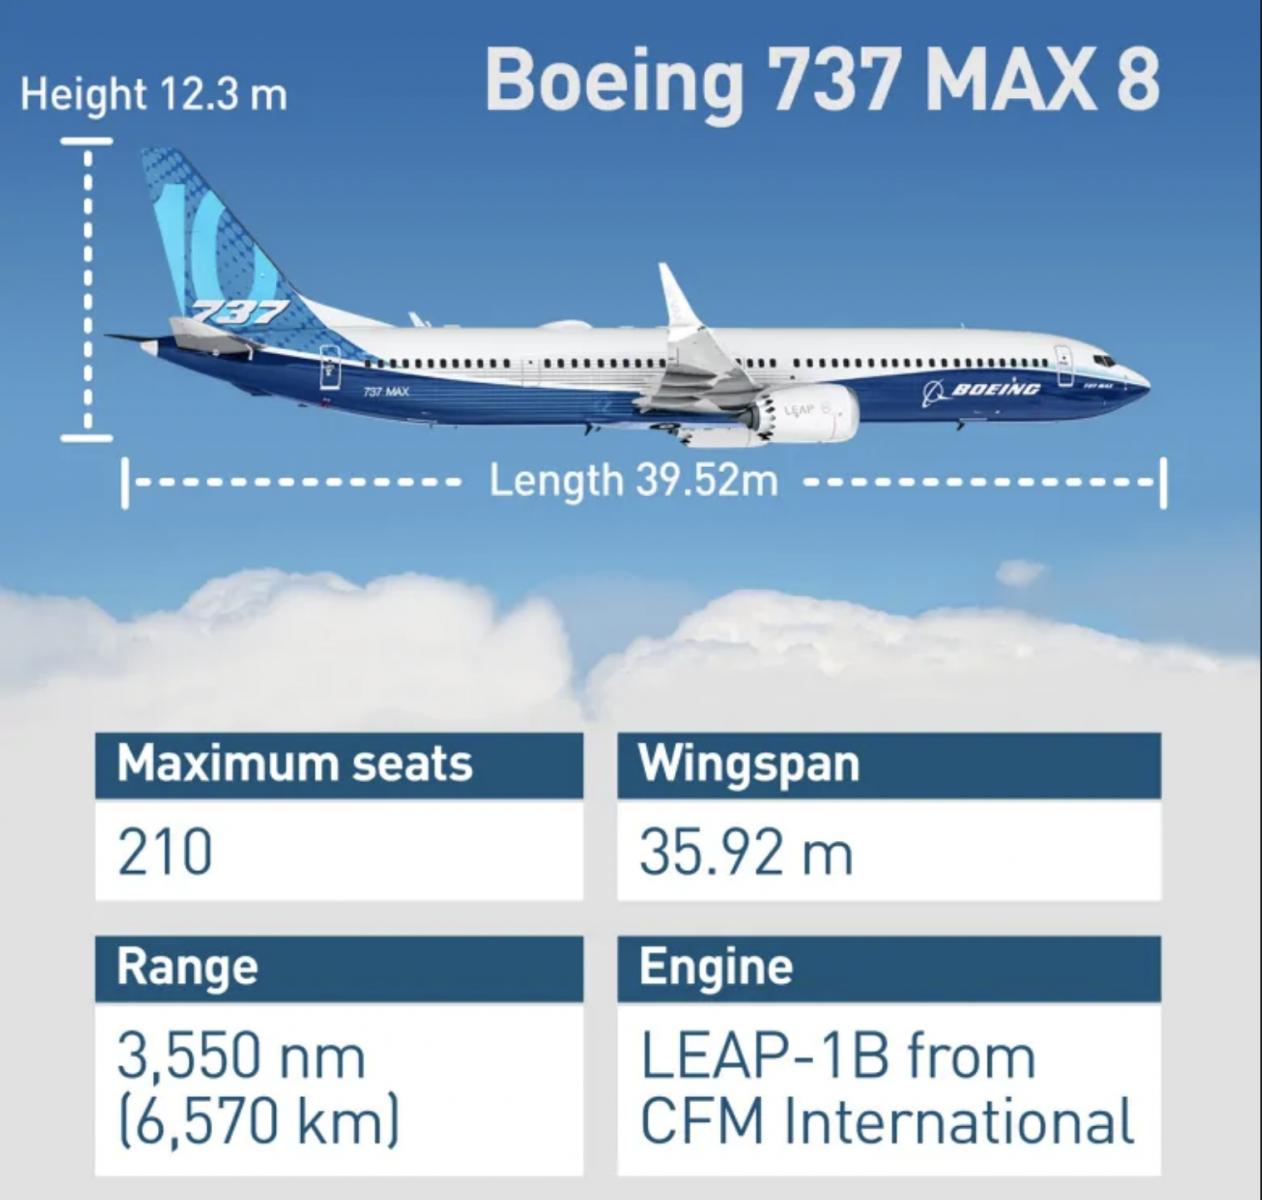 波音公司的737Max究竟怎么了?_图1-1